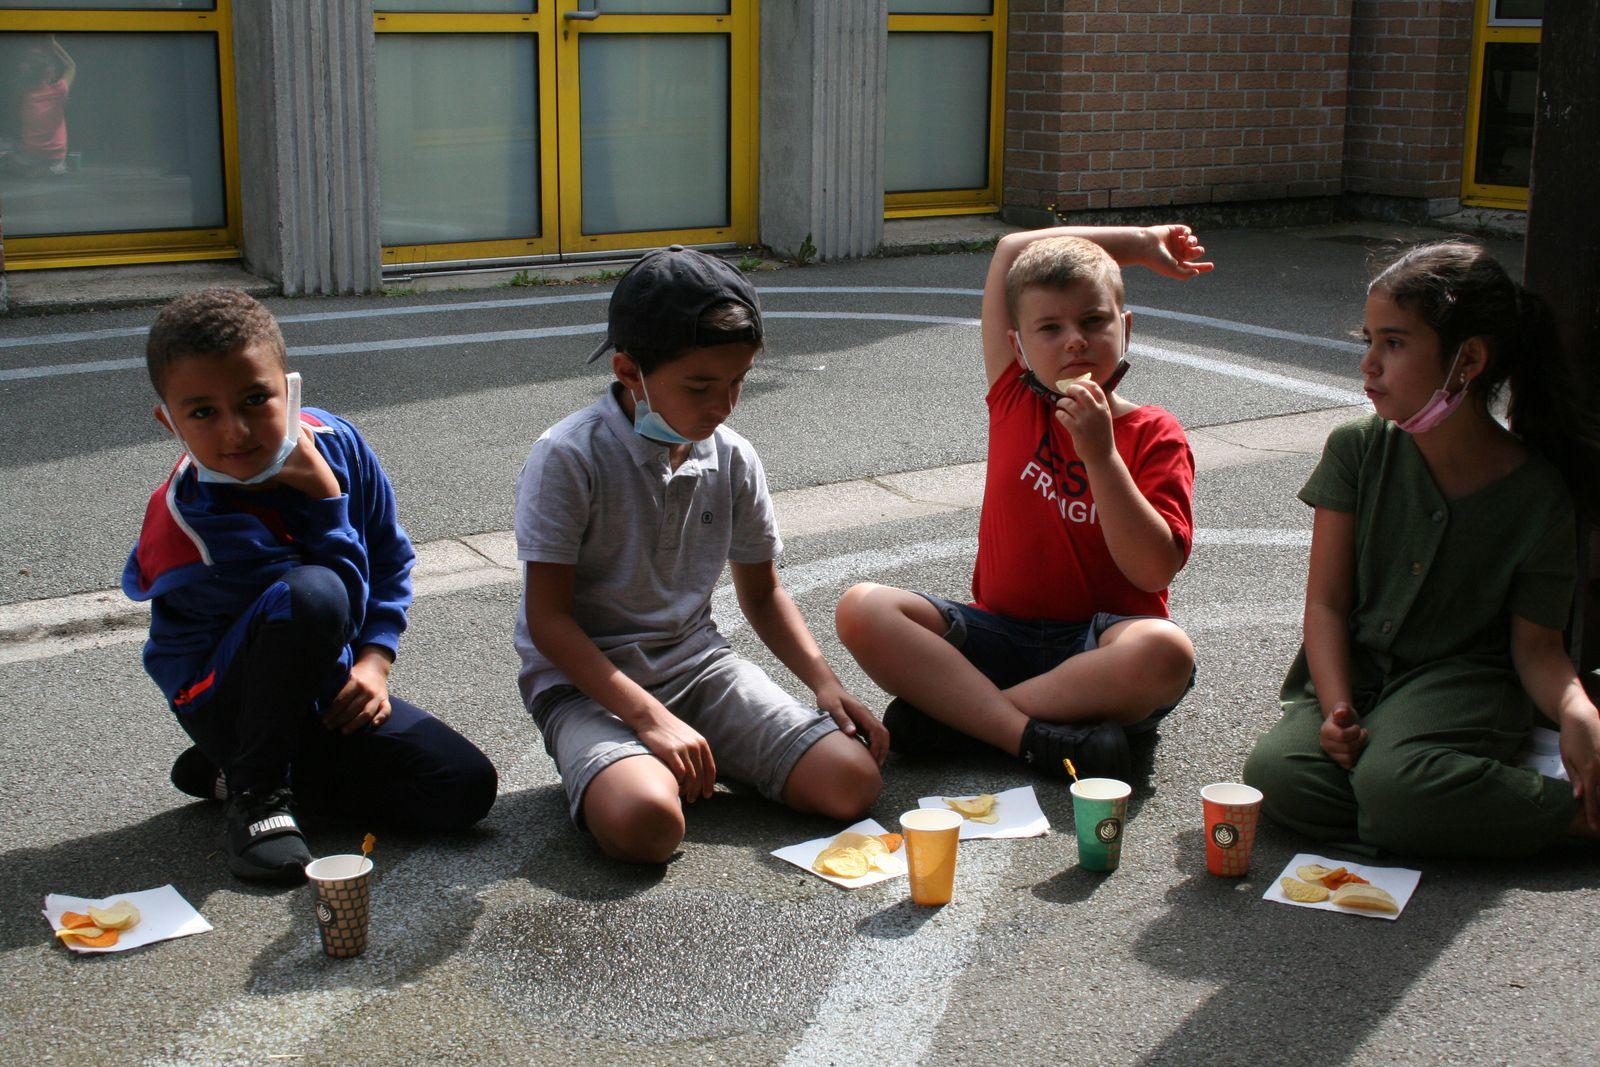 Jeudi 5 Août 2021. Les enfants du centre Condorcet ont préparé un petit apéritif, au menu: pizzas, brochettes de petites tomates et feta, crudités, chips et guacamole! Bon appétit!